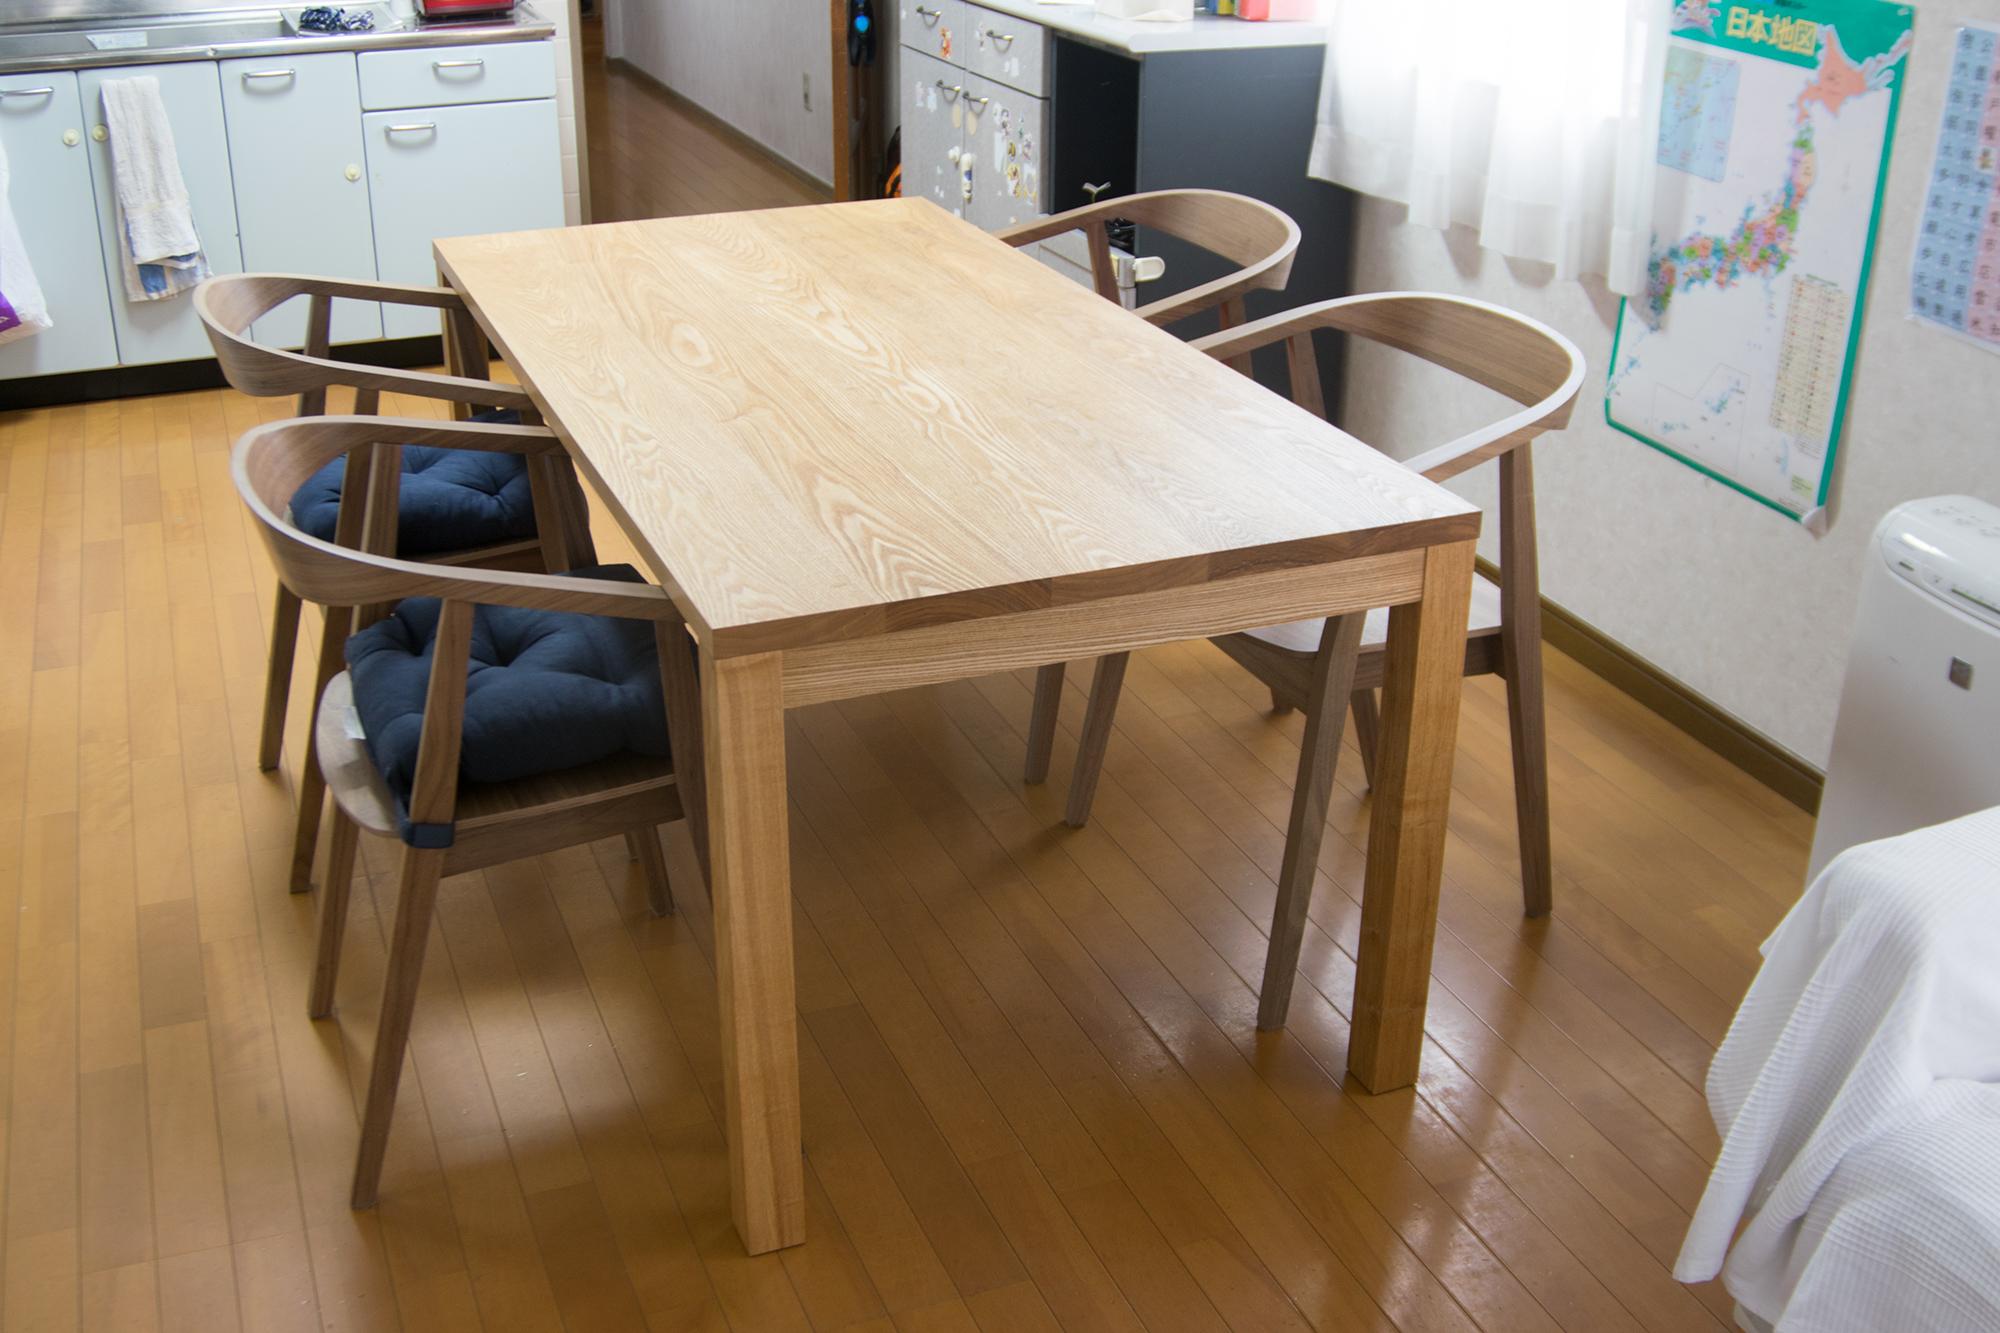 お客様がもともとお使いの椅子をテーブルに合わせていただきました